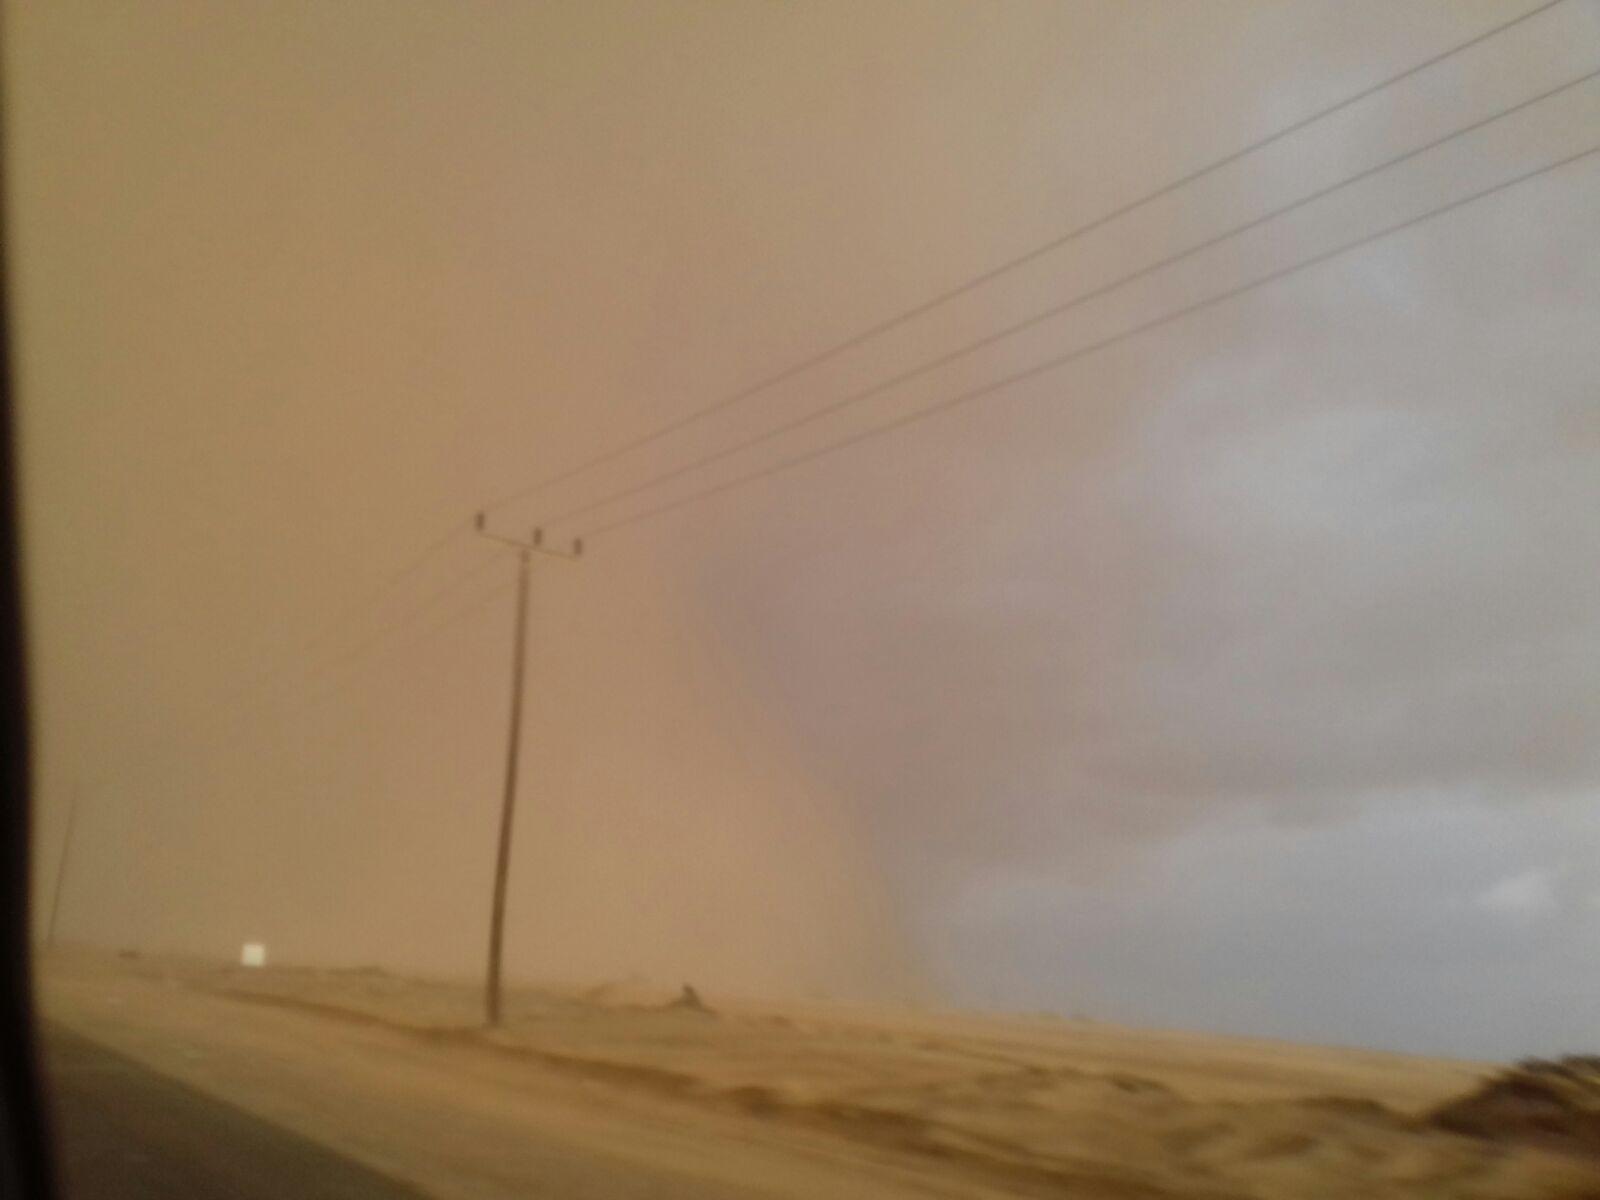 صحة #مكة تعلن الطوارئ لمواجهة موجة الغبار - المواطن